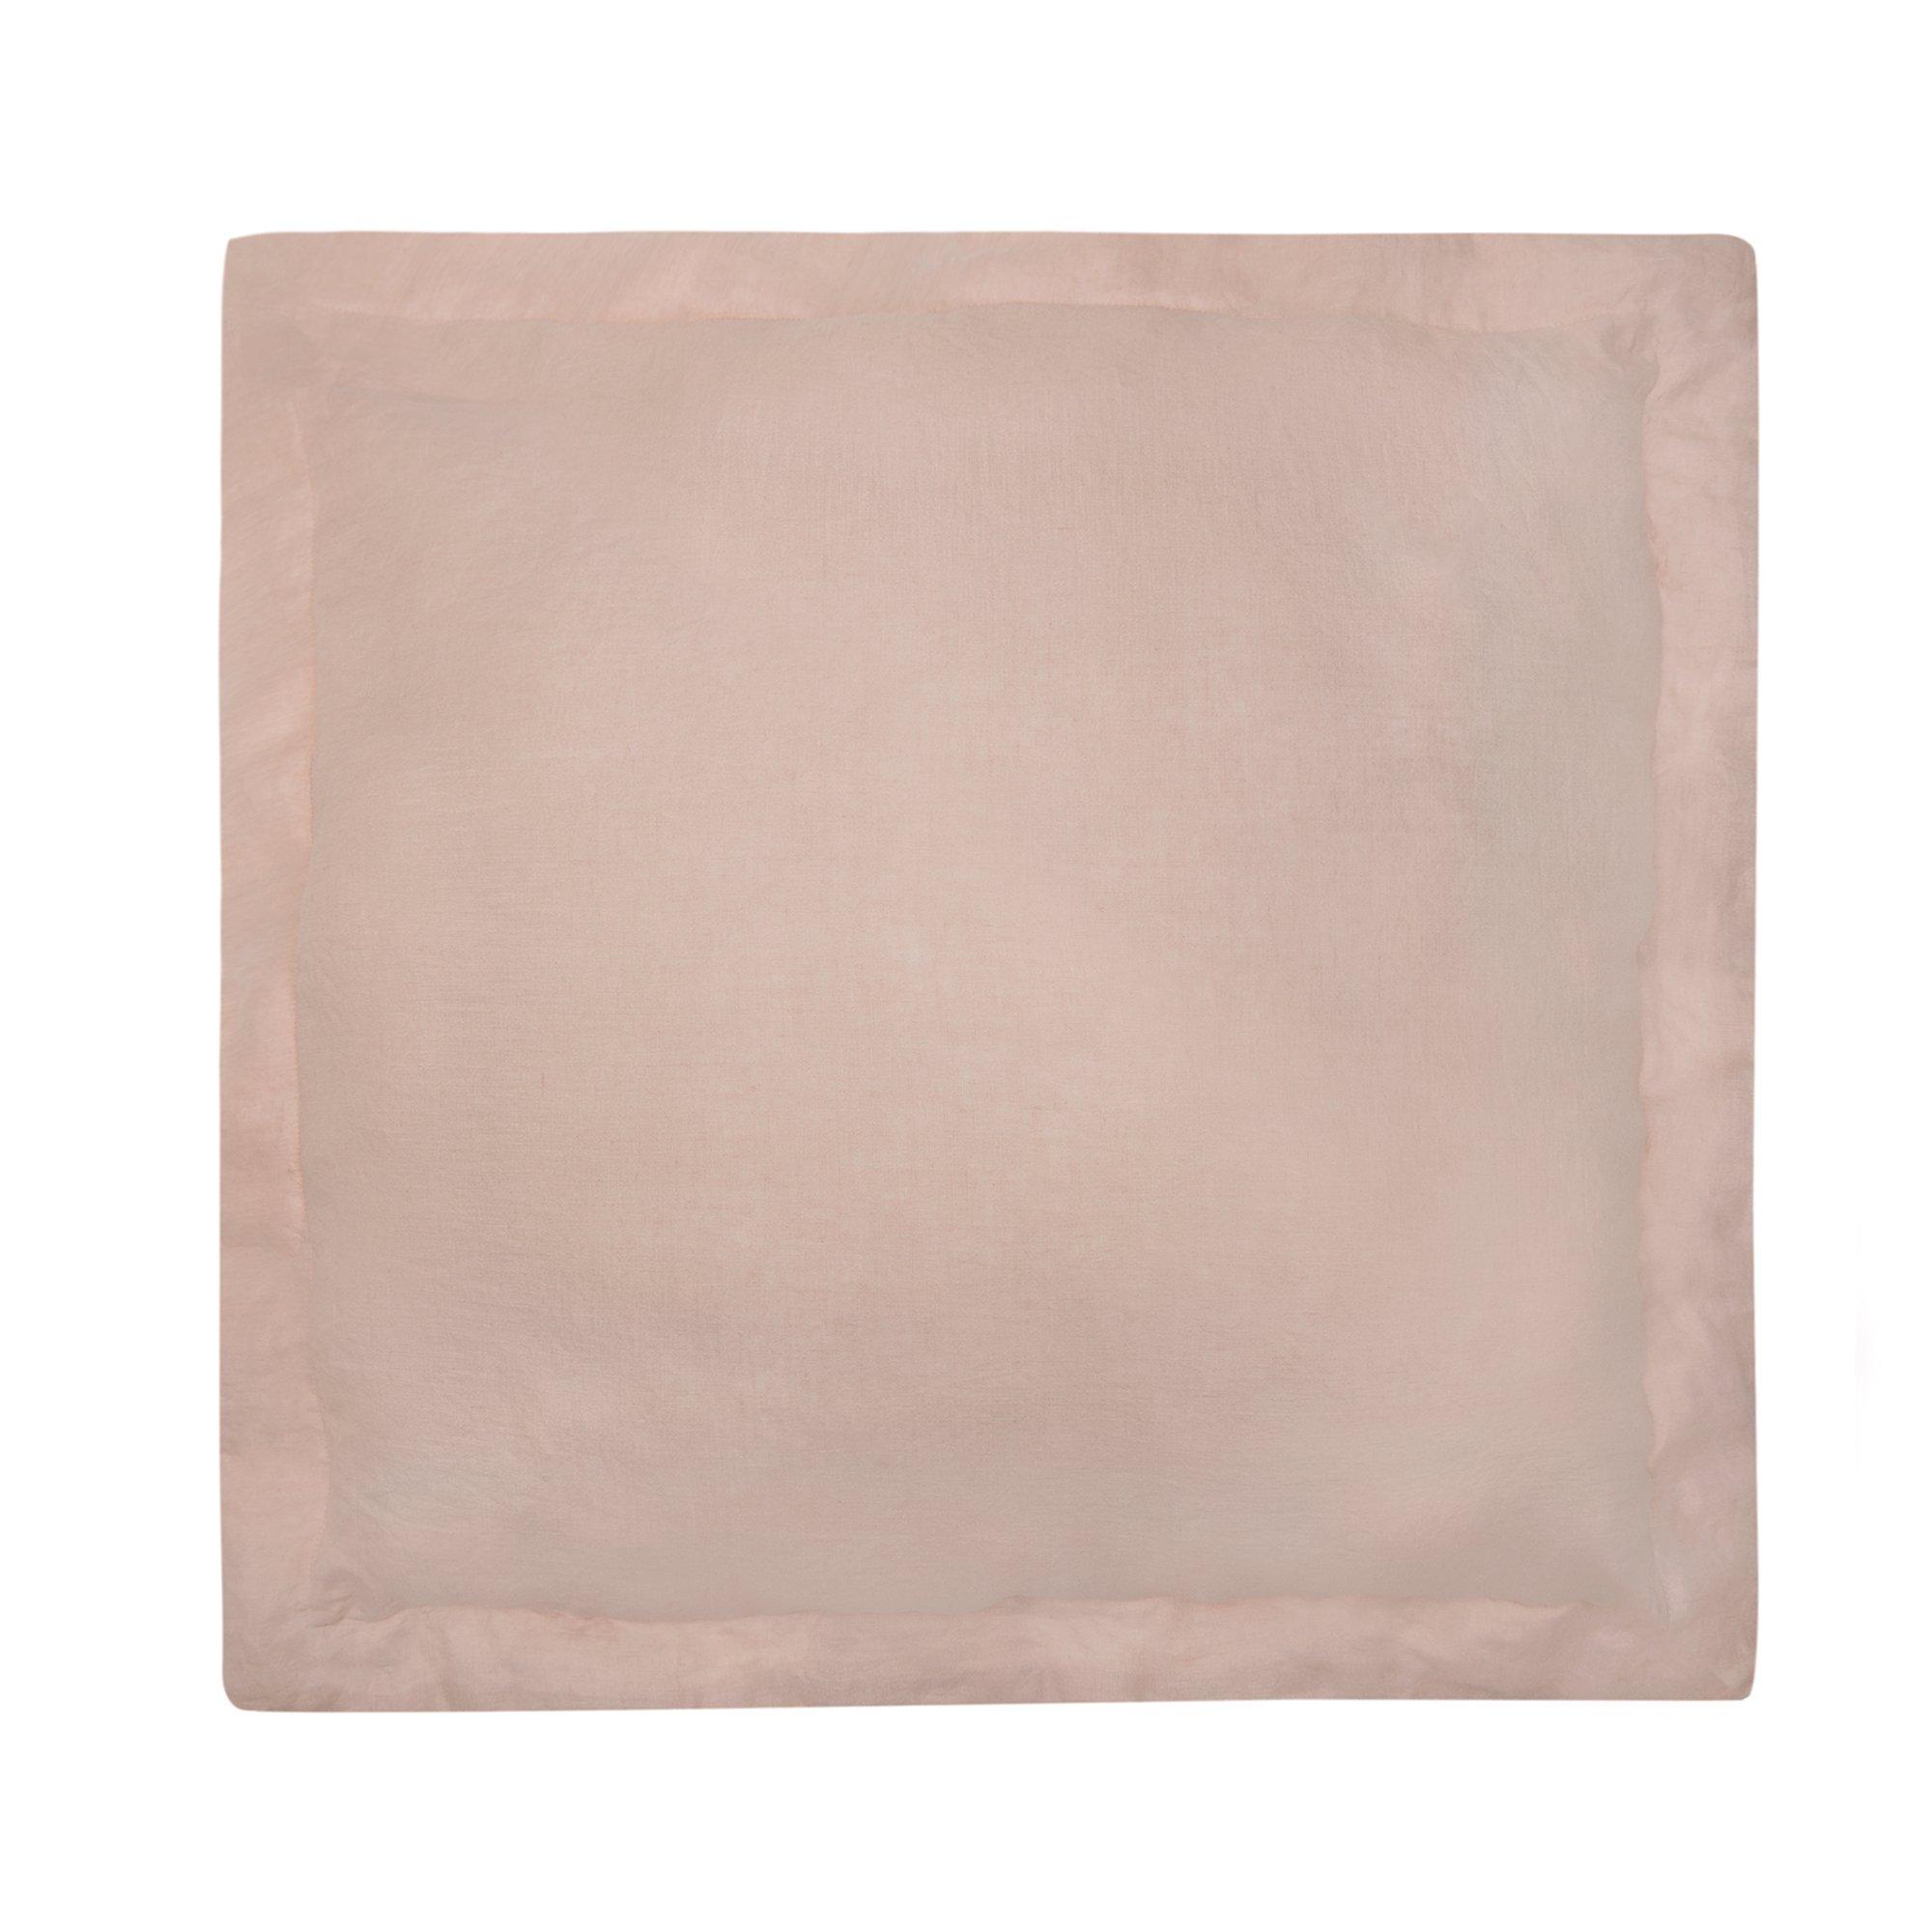 Levtex Washed Linen Blush Euro Sham w/Flange